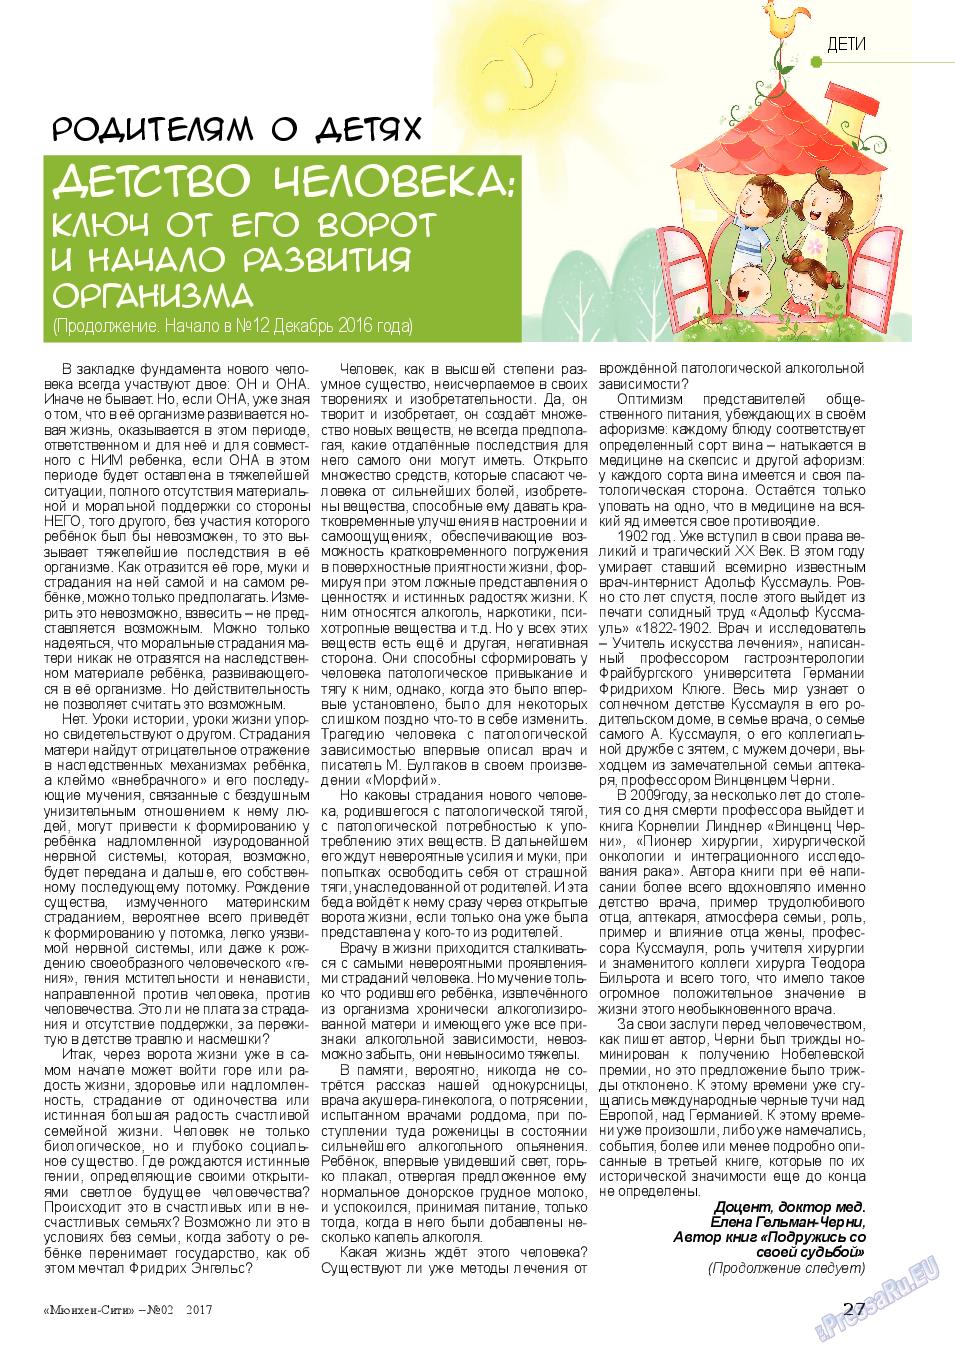 Мюнхен-сити (журнал). 2017 год, номер 2, стр. 27